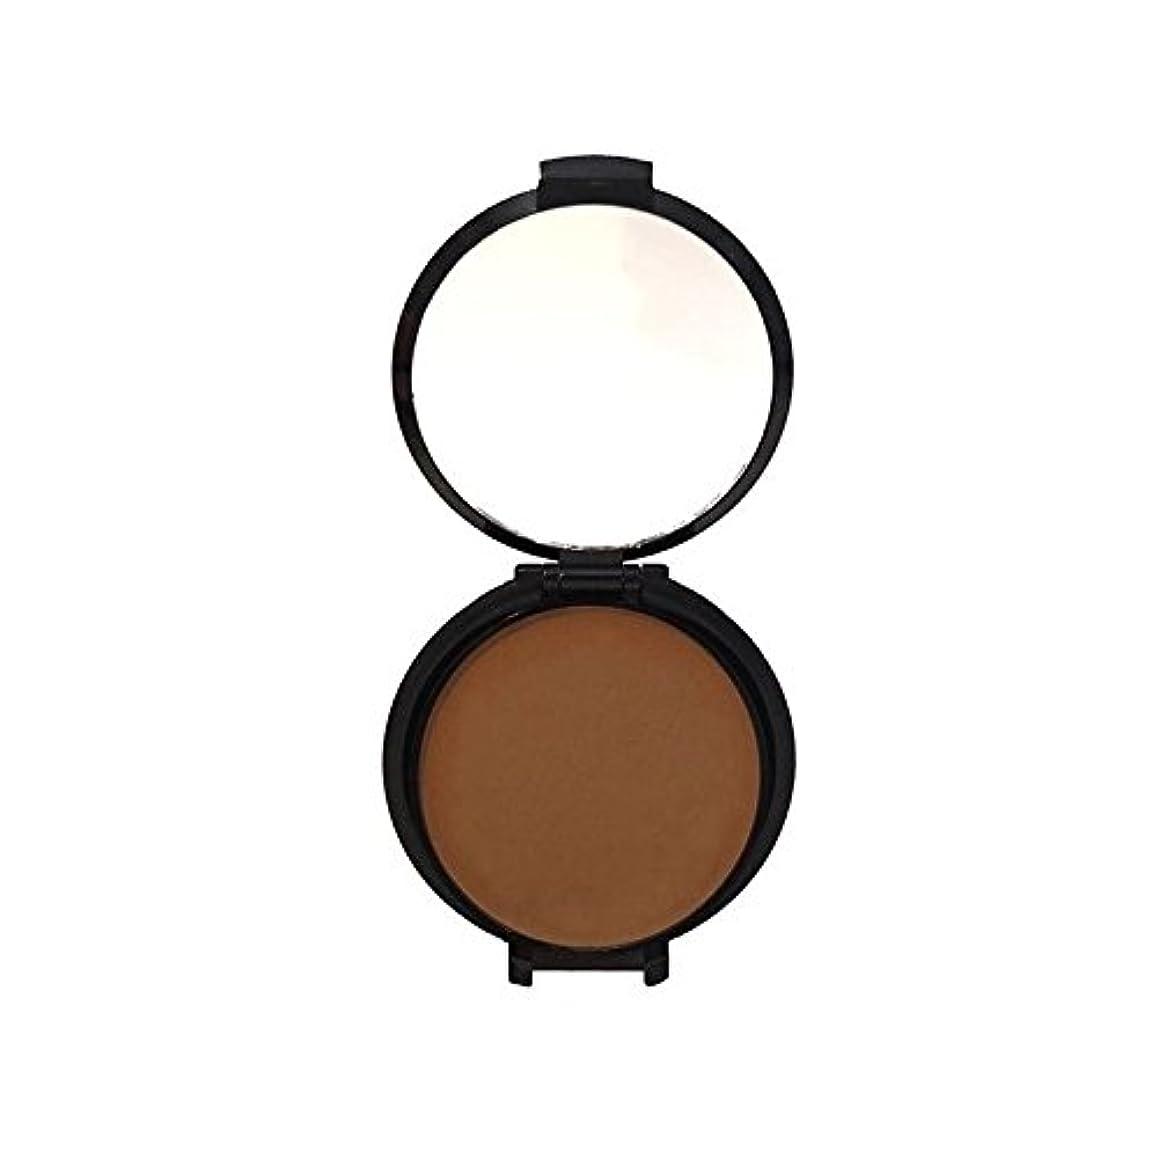 確保するアクセルセイはさておき[CAKE-Cosmetics ] C.A.K.E基礎中のN95 12グラム - C.A.K.E Foundation Medium N95 12G [並行輸入品]